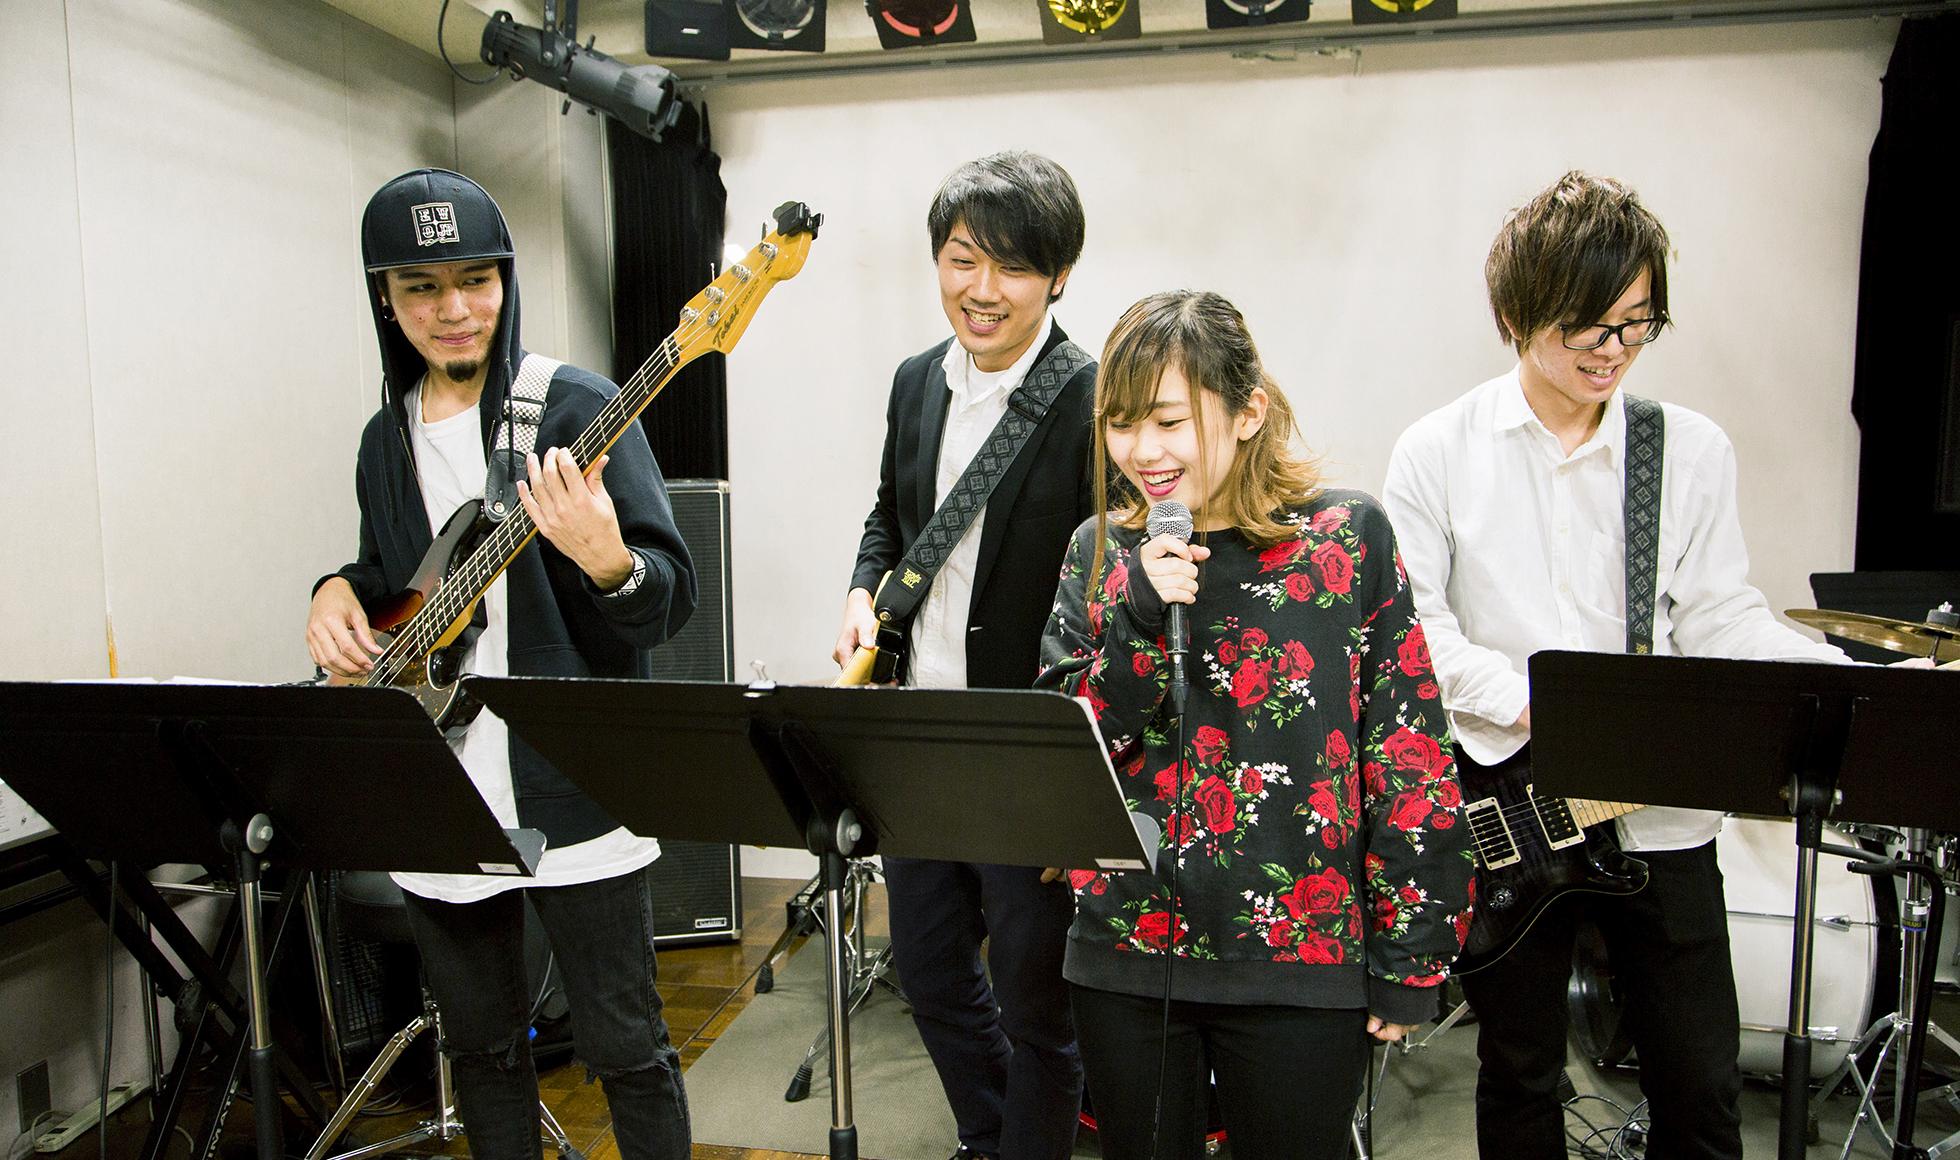 ソロでも、バンドでも、音楽業界へのデビューを強力サポート!YMSの4つのメリット